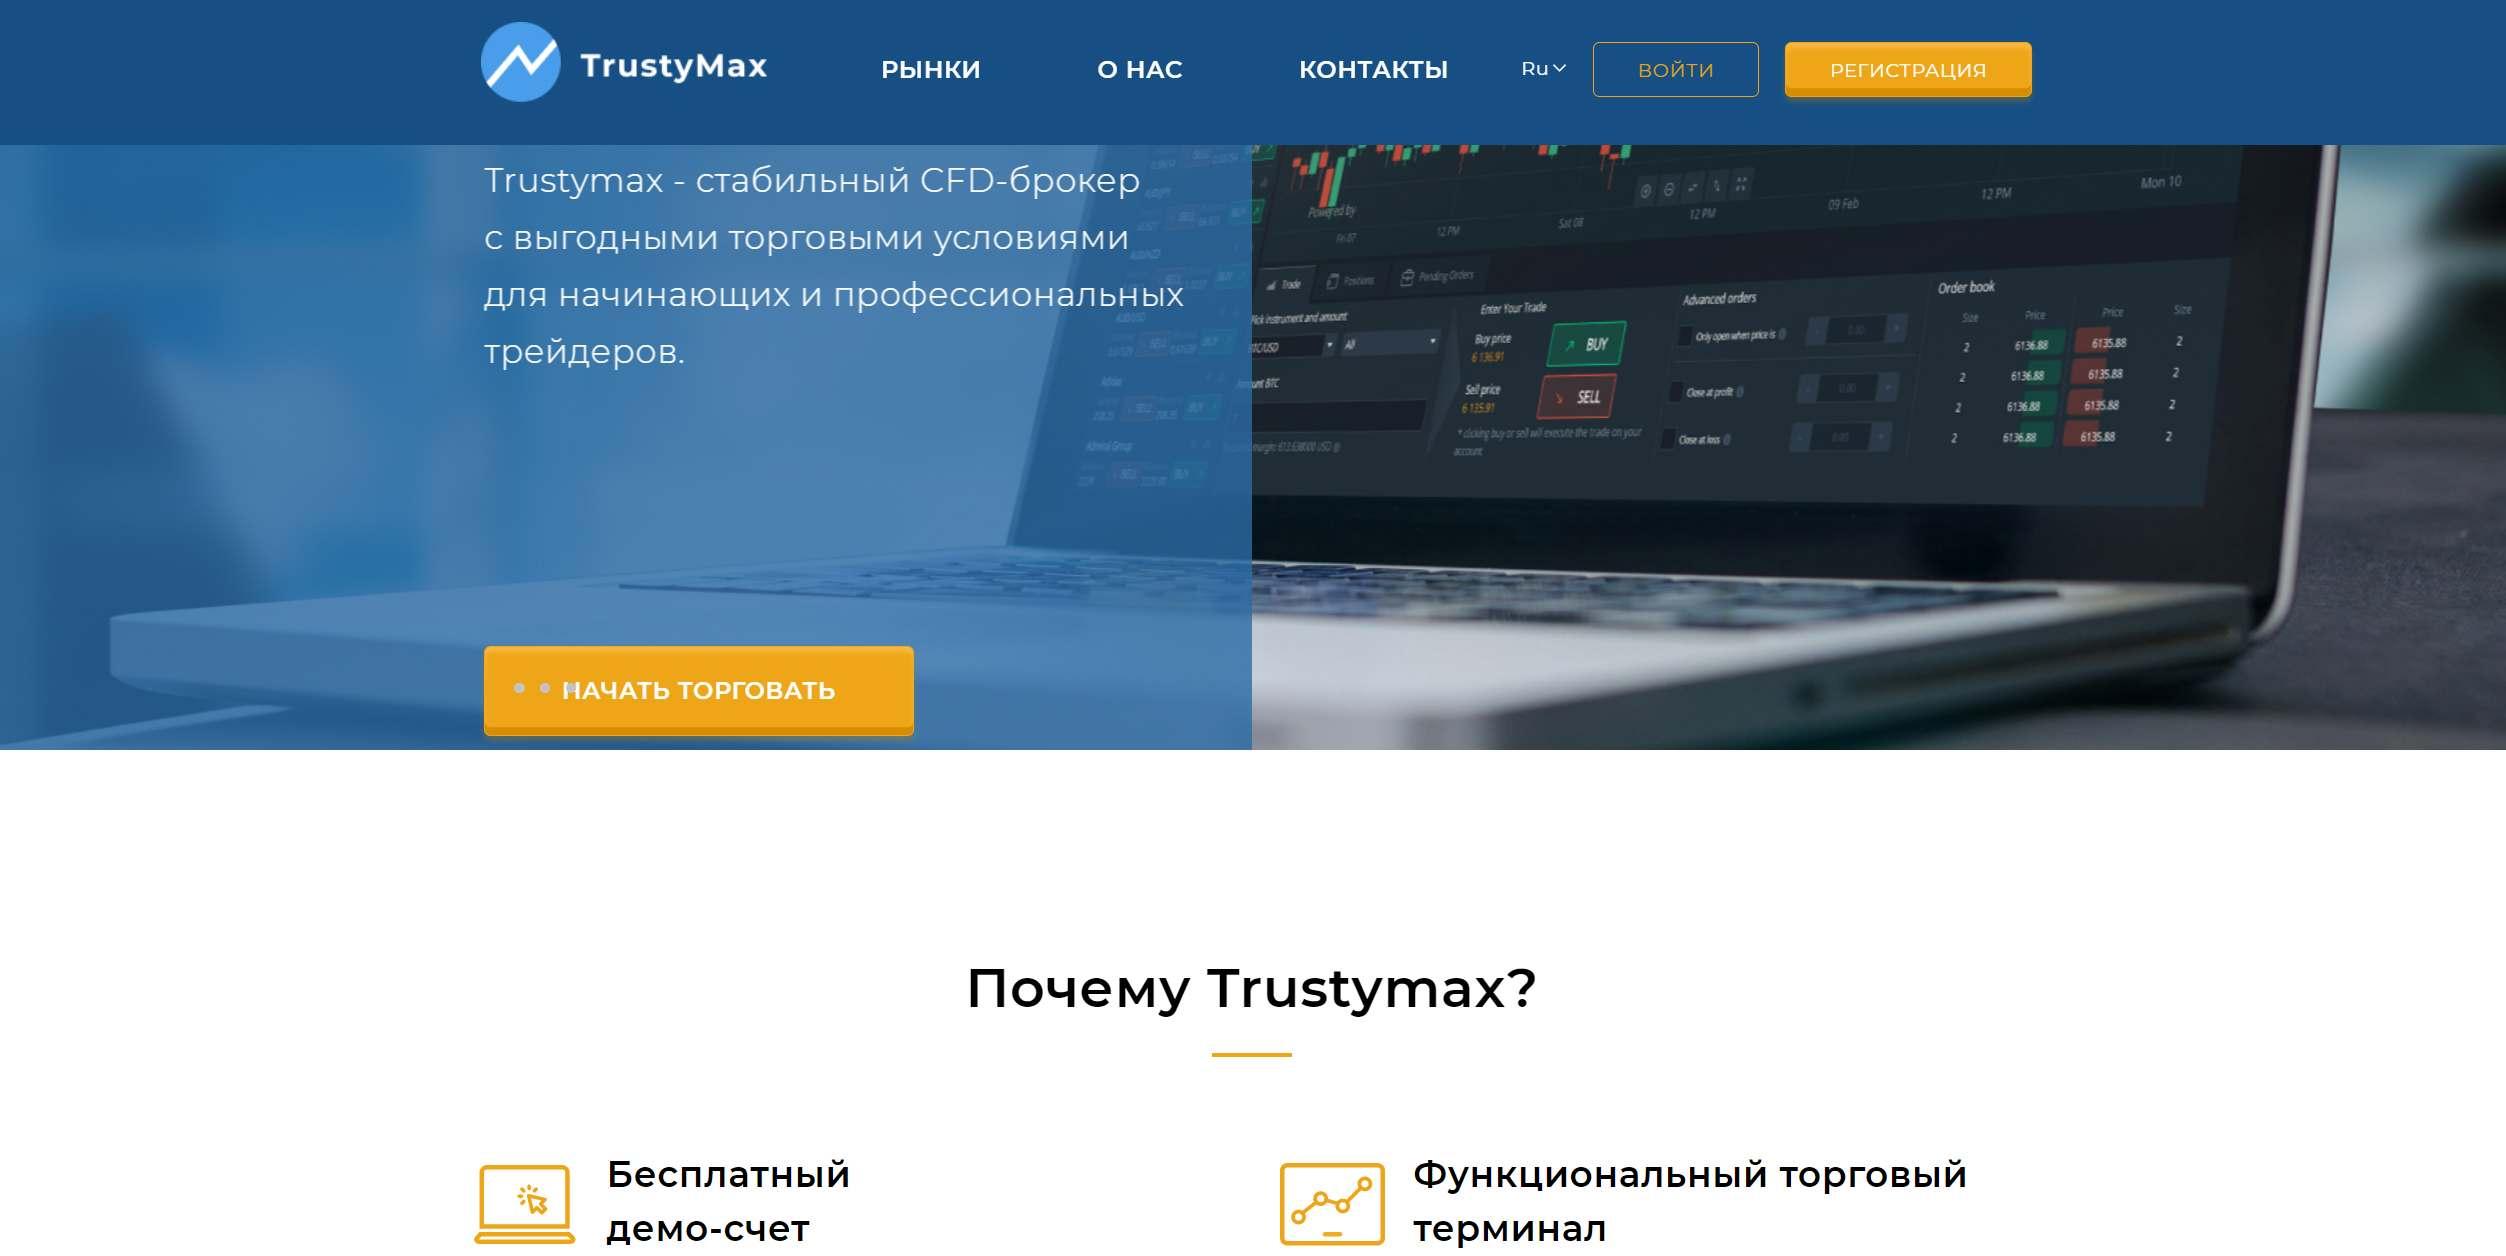 Обзор и отзывы на мутный проект Trustymax. Предположительно - развод!